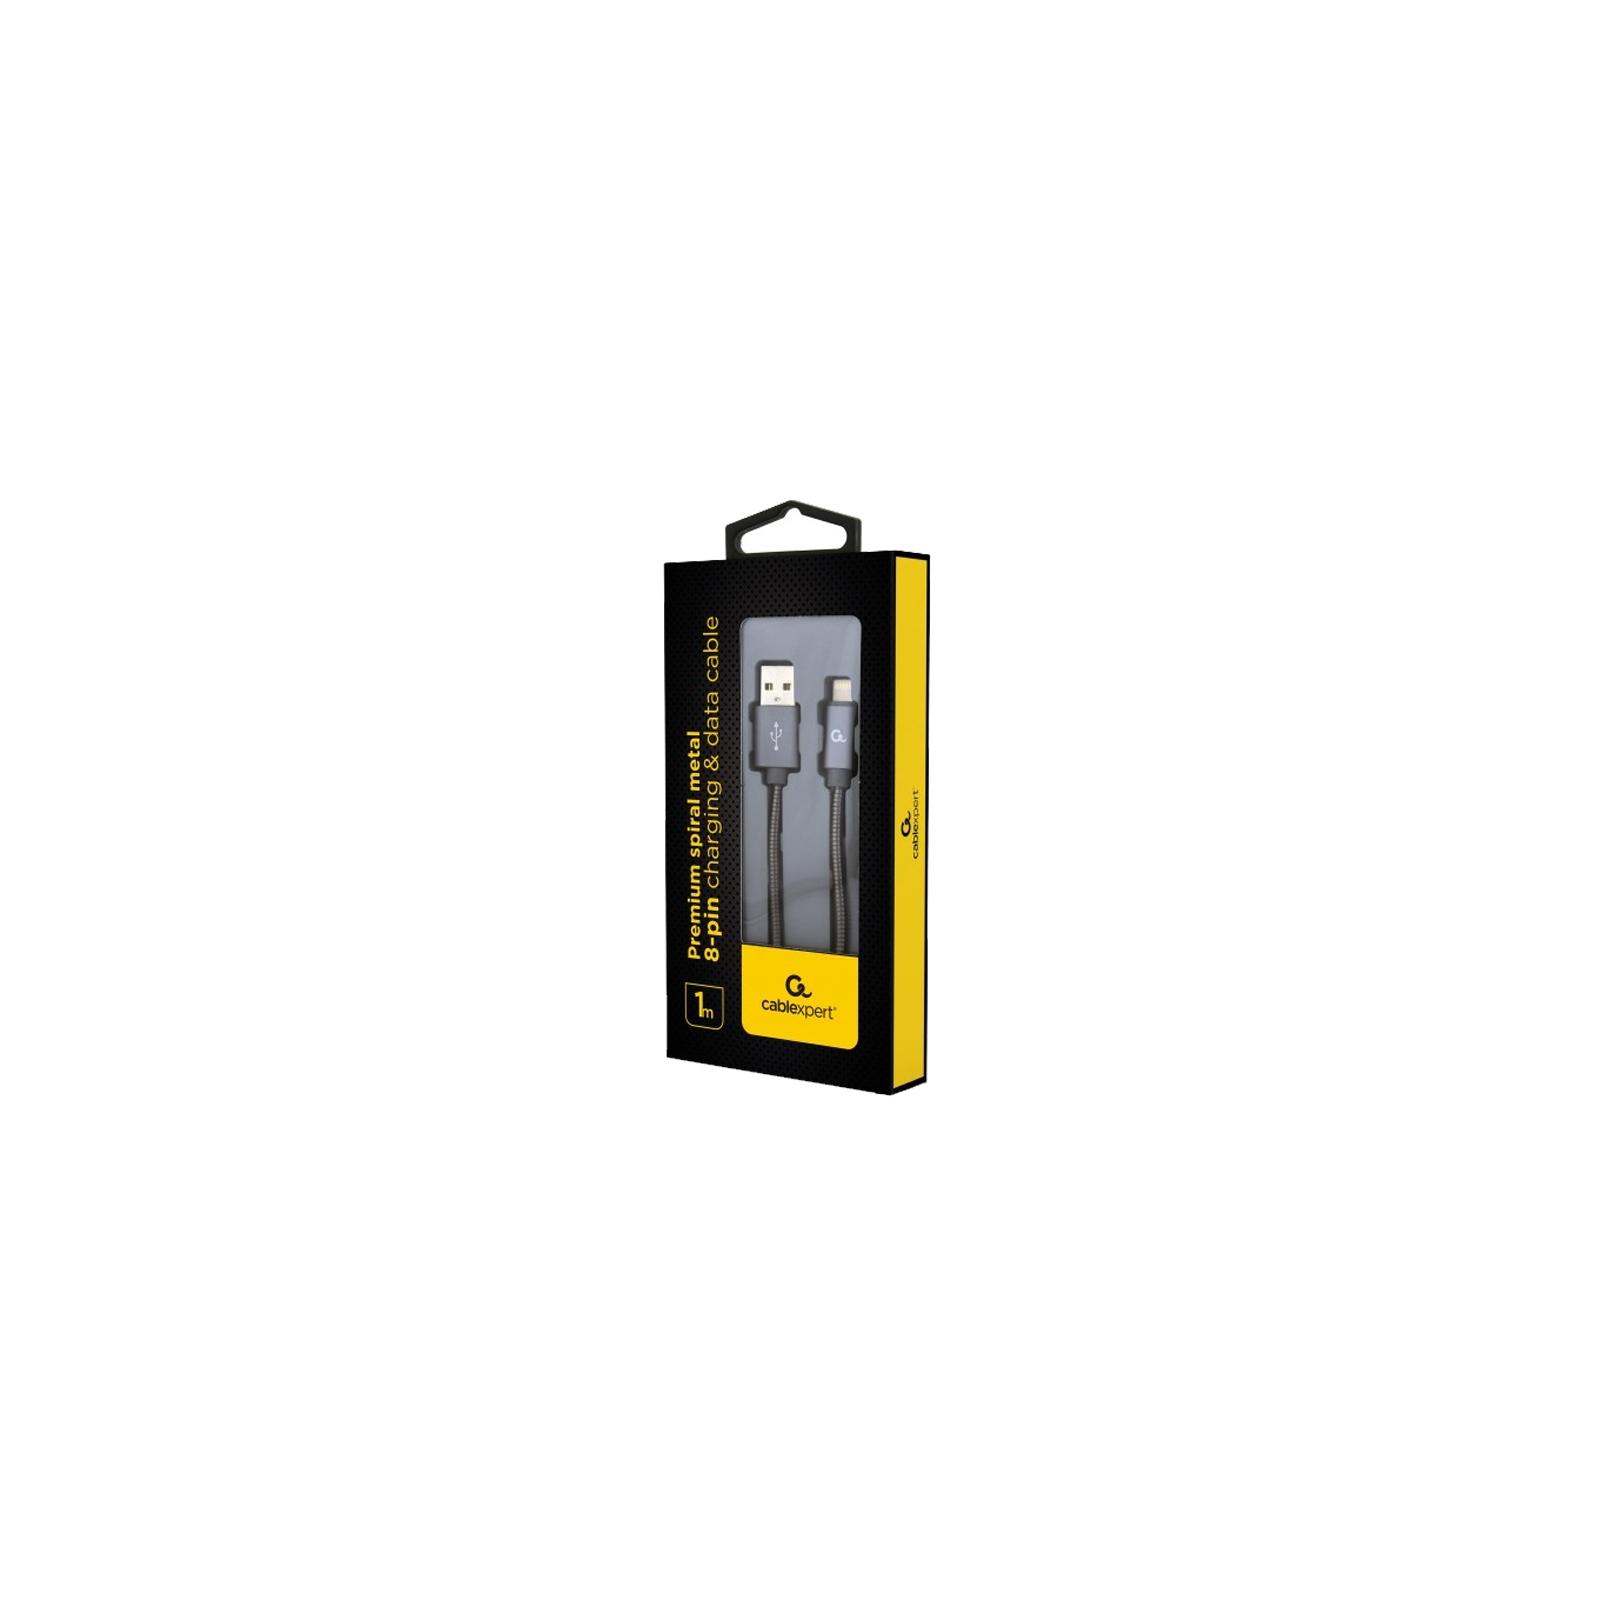 Дата кабель USB 2.0 AM to Lightning 1.0m Cablexpert (CC-USB2S-AMLM-1M-BG) изображение 2